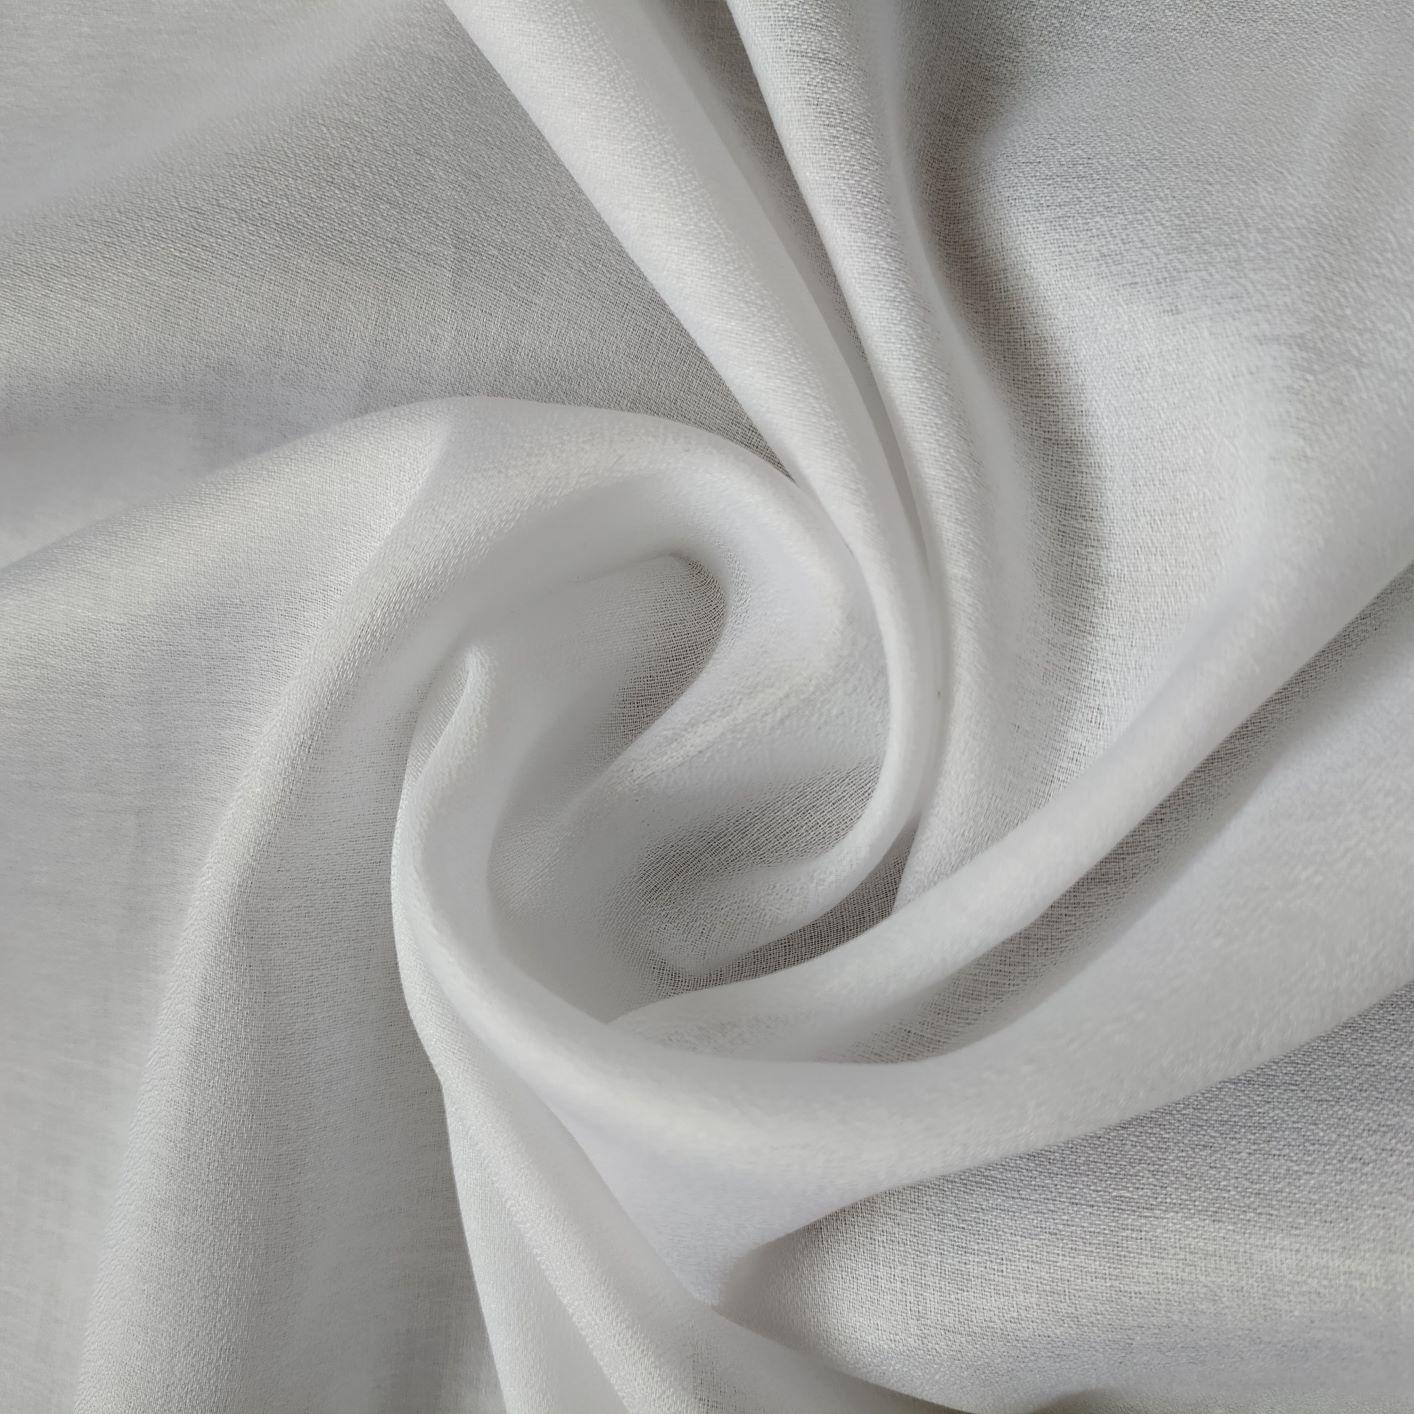 Tecido Cambraia Creponada de Algodão Branca